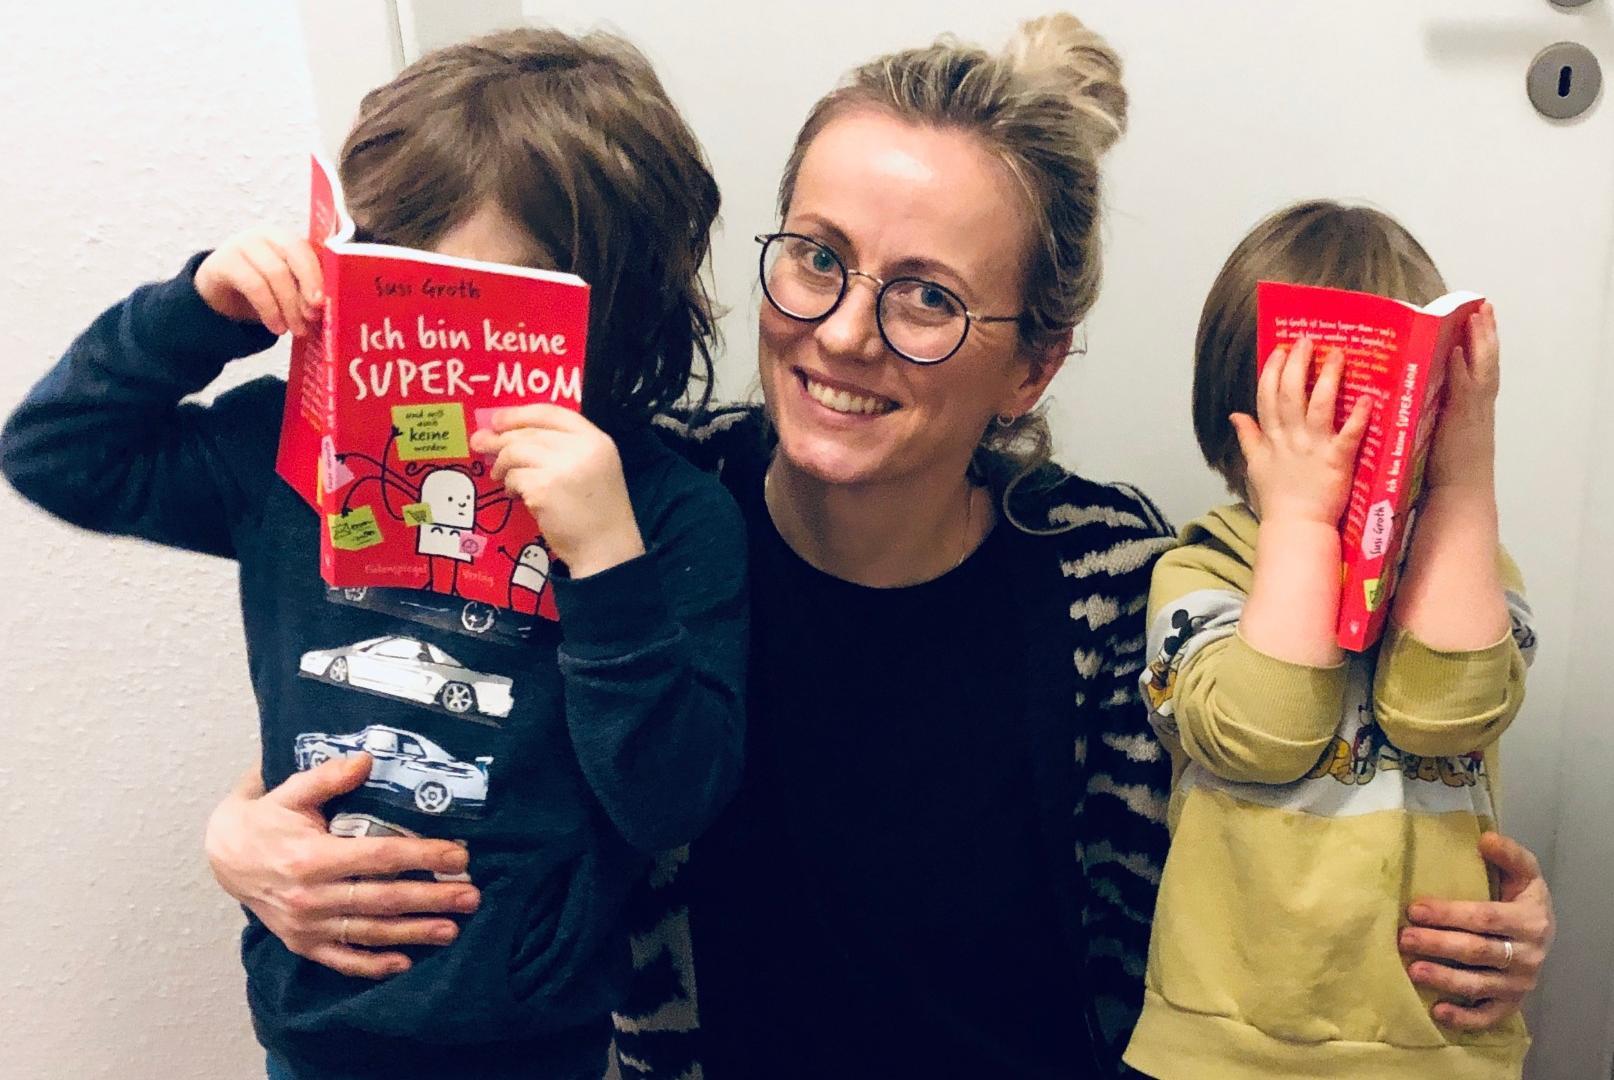 Keine Supermom: Susi Groth liefert in ihrem Buch ein authentisches Bild vom Mutterdasein.